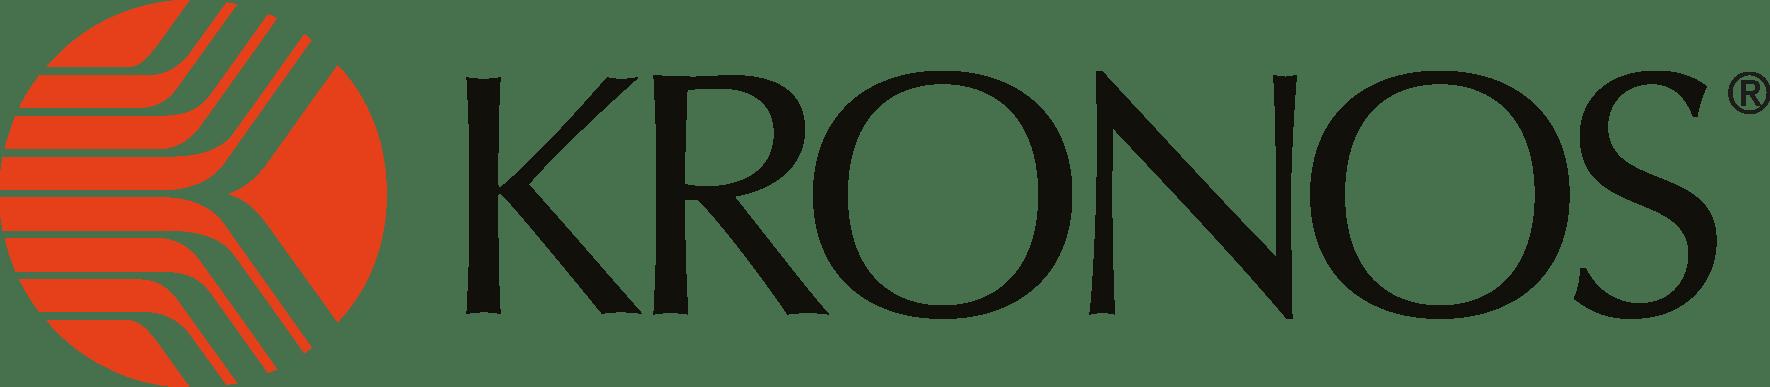 Kronos Logo png